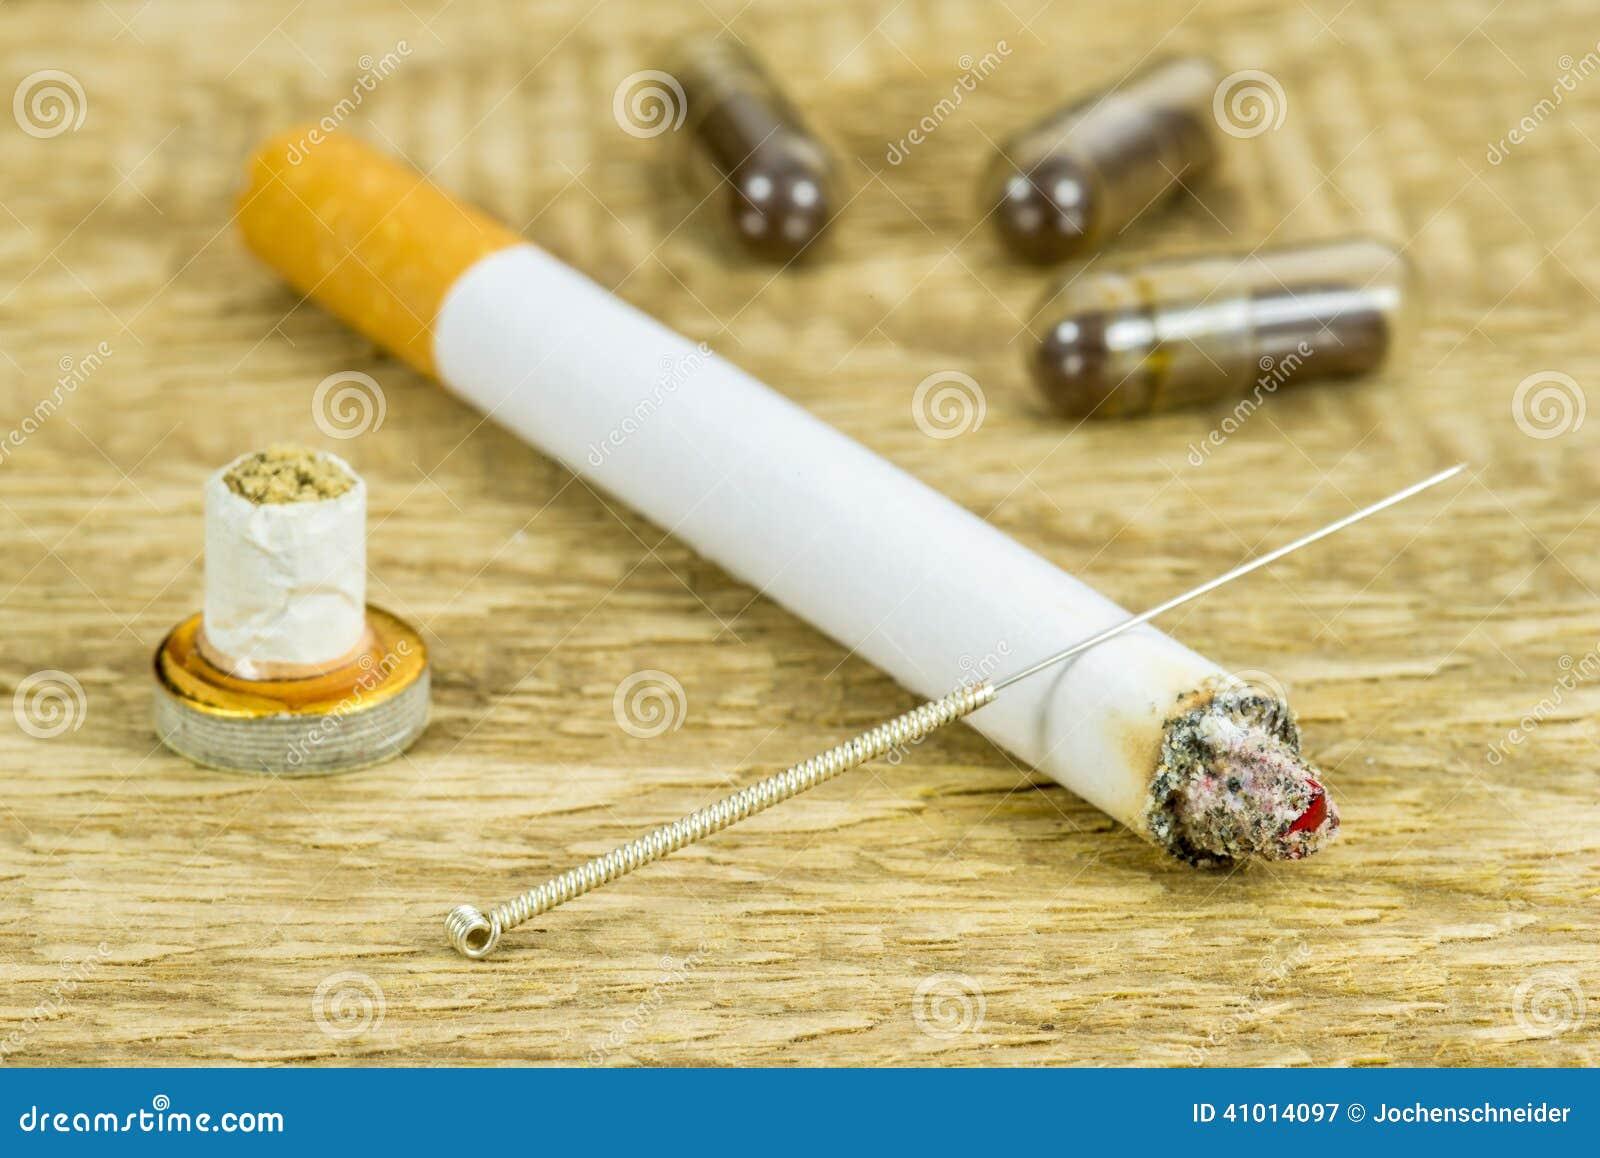 Agopuntura per smettere di fumare | Ecco come funziona